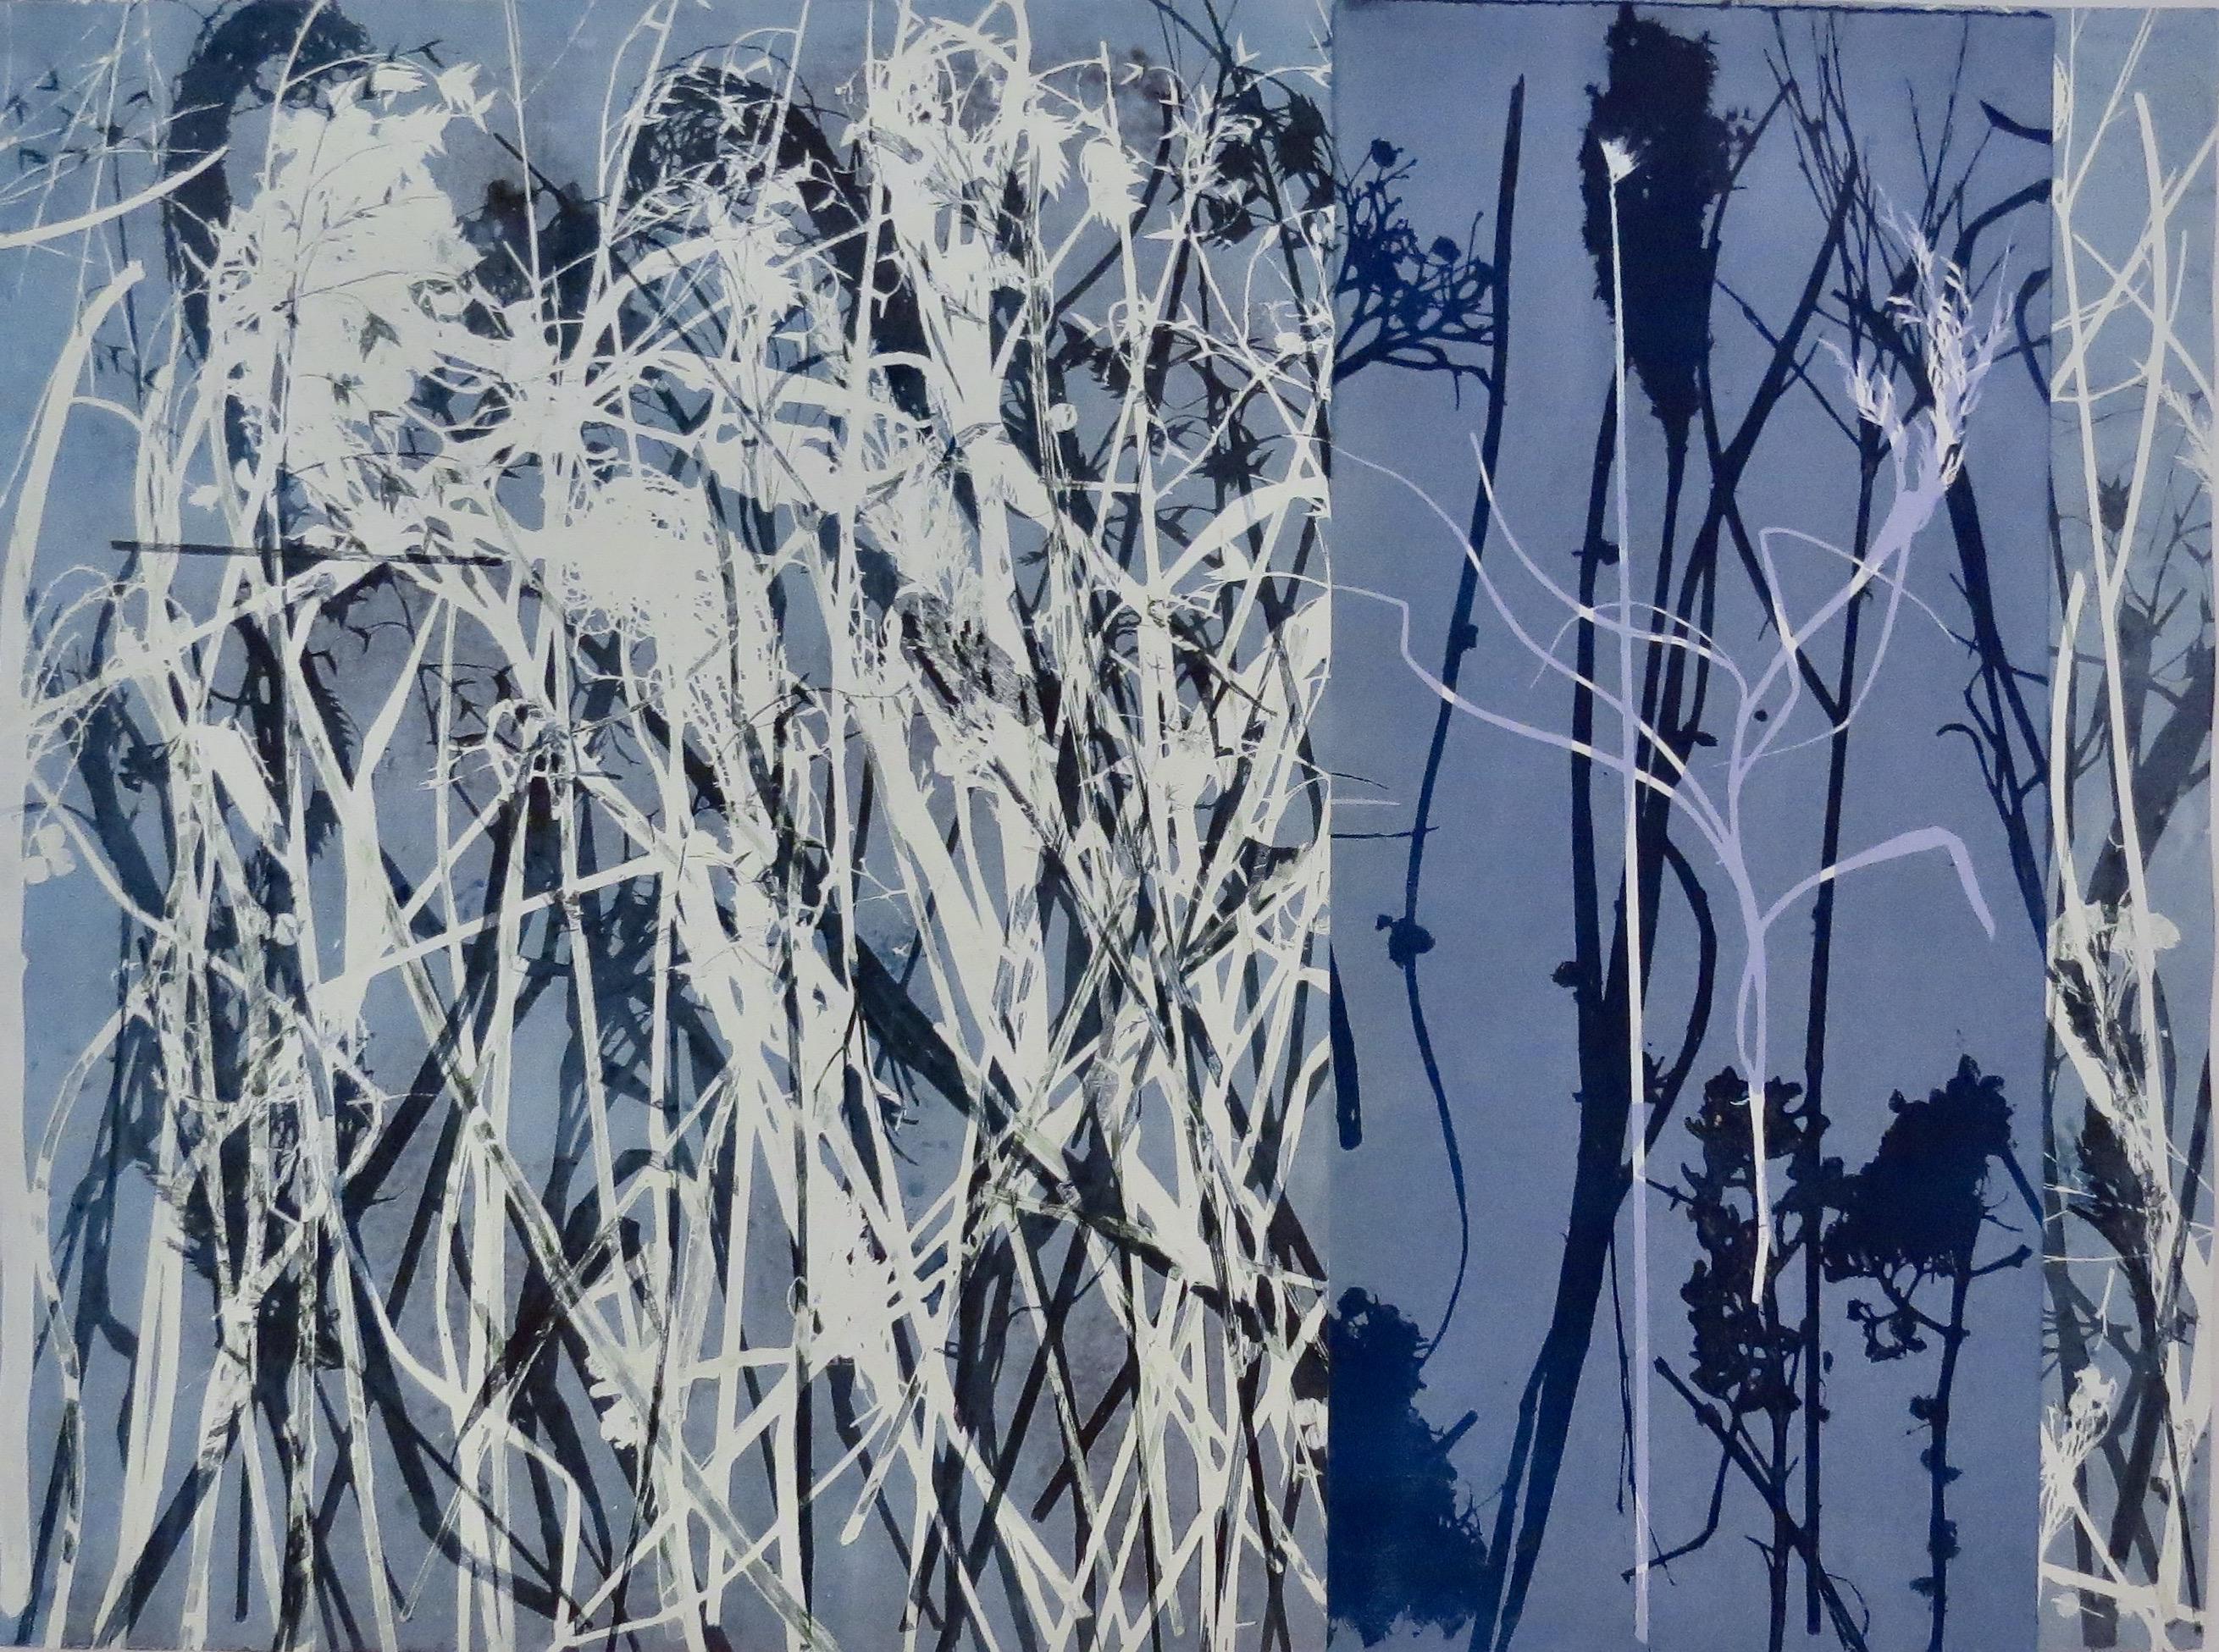 Winters Grassy Meadow